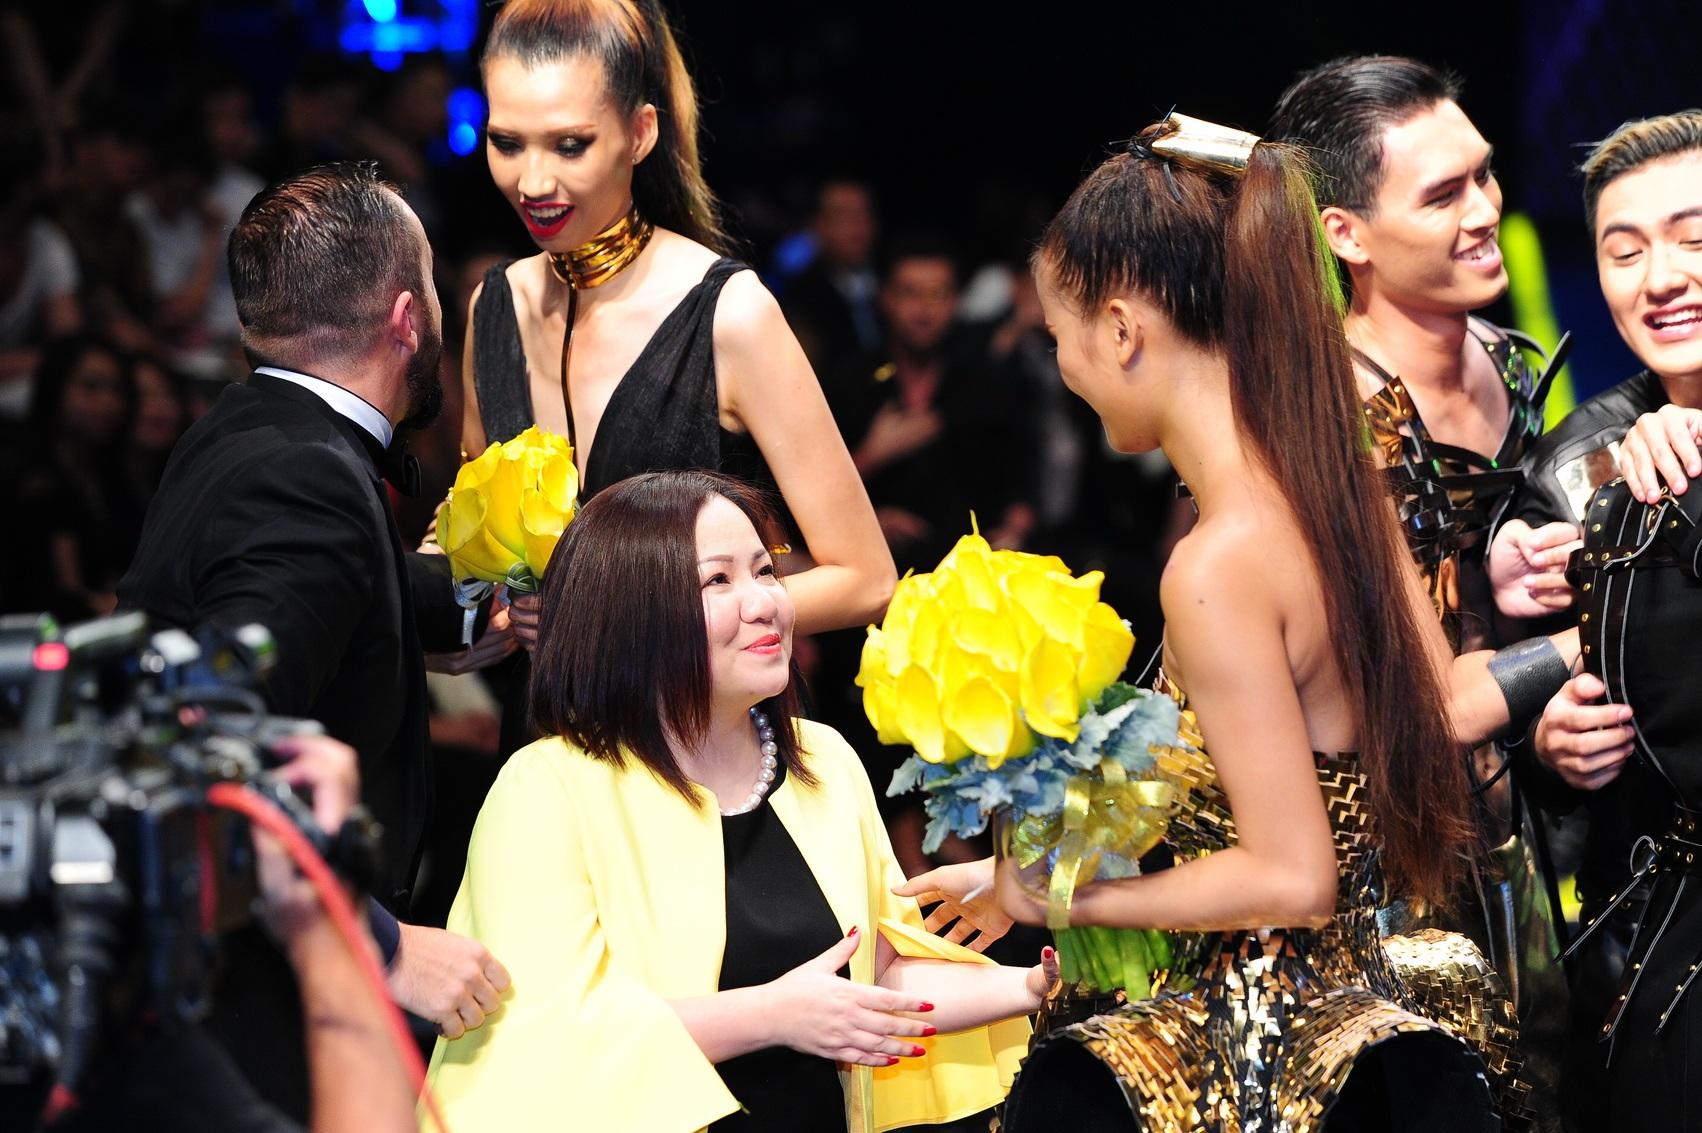 Những khoảnh khắc đẹp đêm chung kết Vietnam's Next Top Model - 22